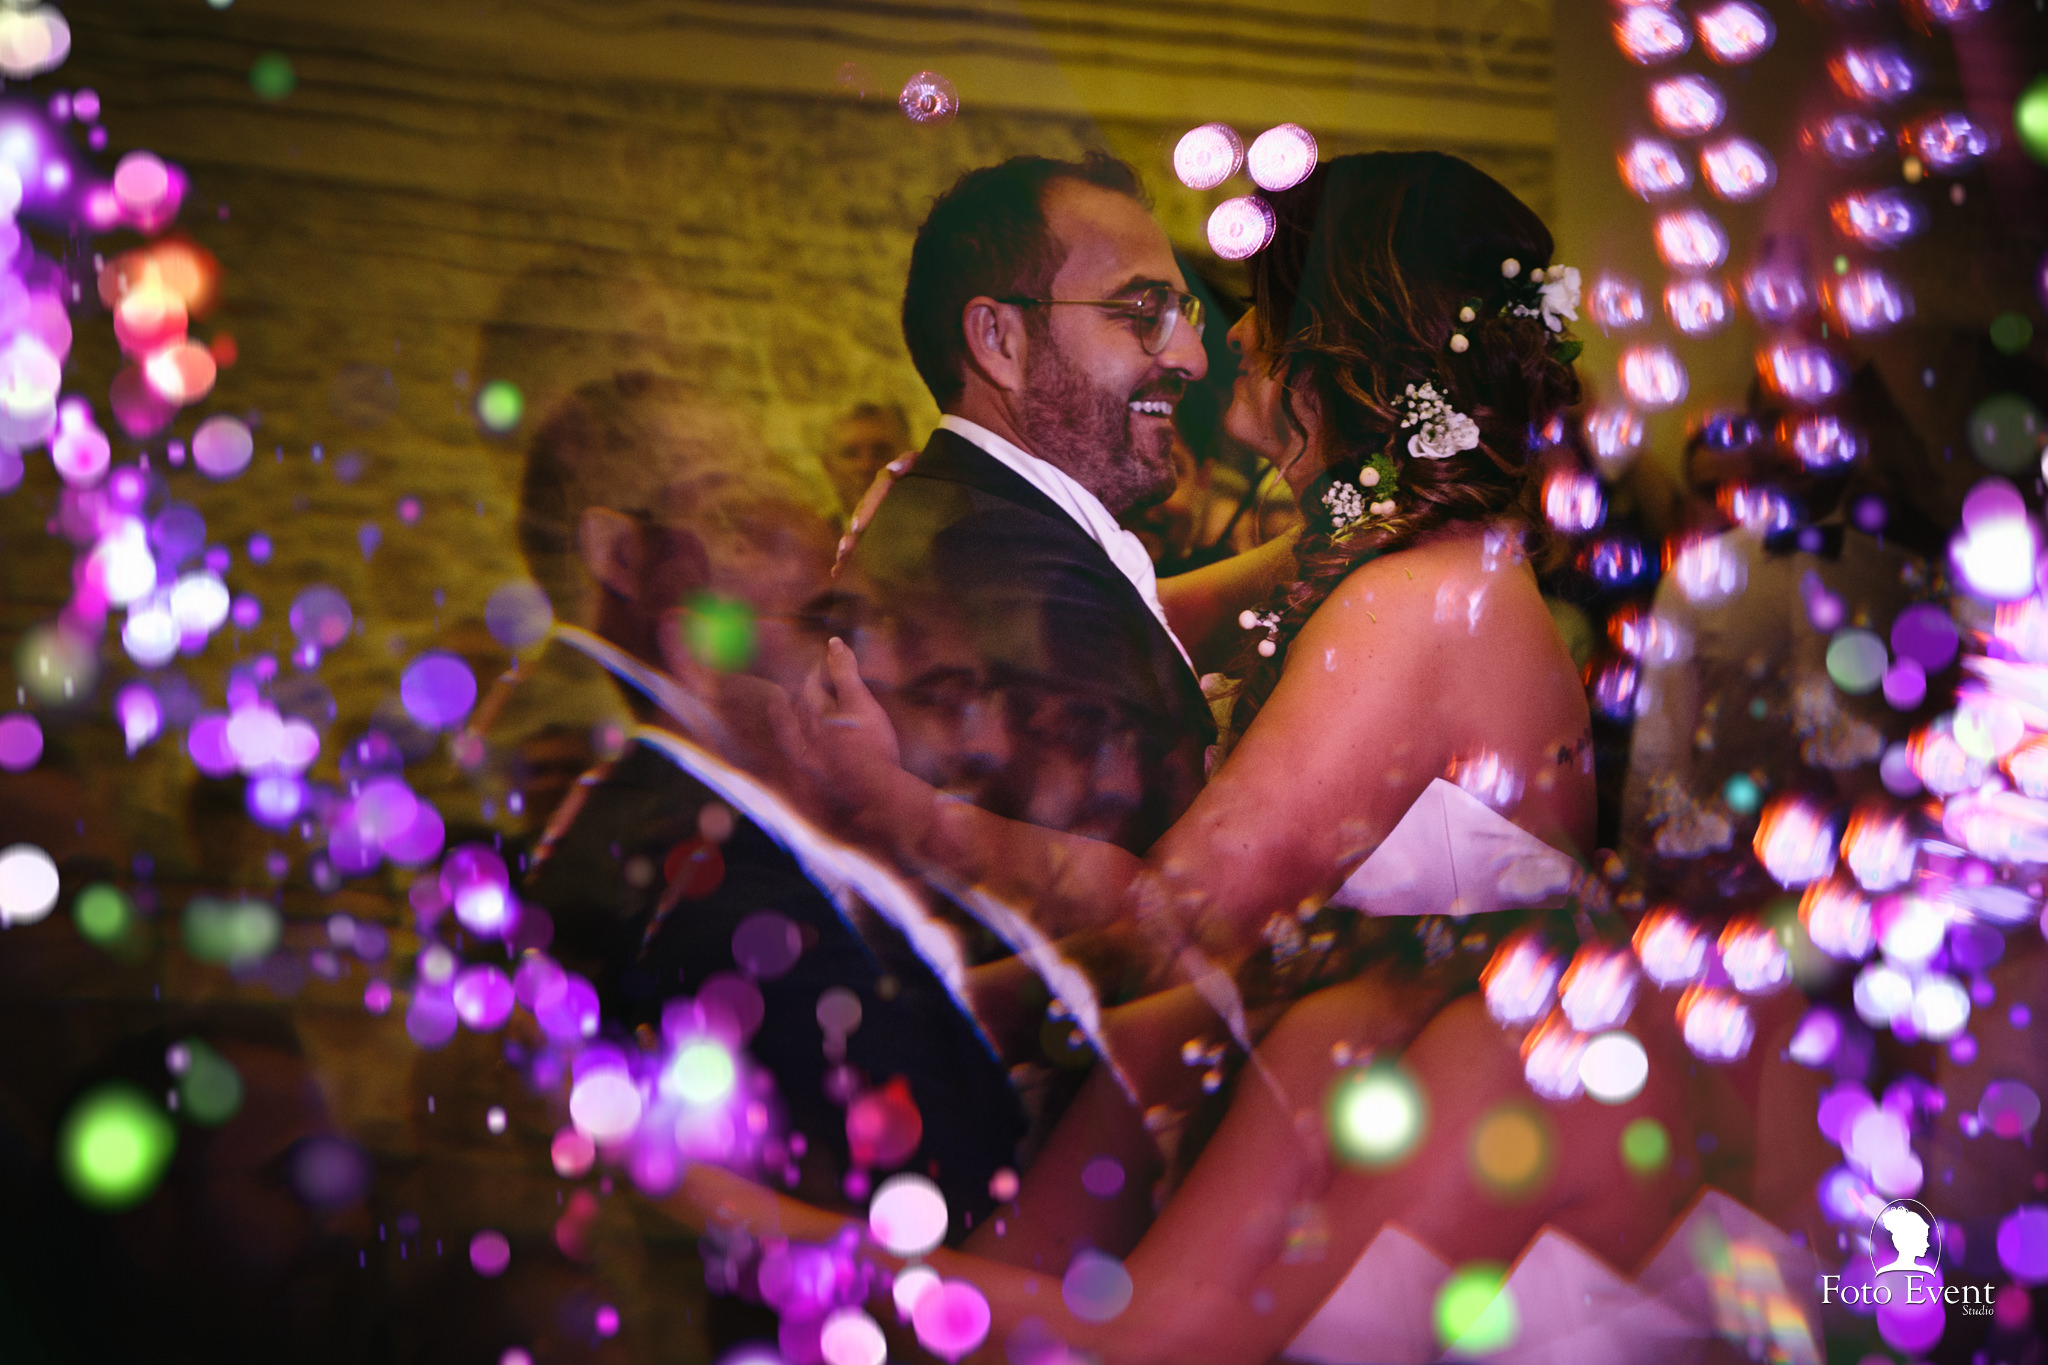 052-2020-10-15-Matrimonio-Noemi-e-Salvatore-Paterno-5DE-2108